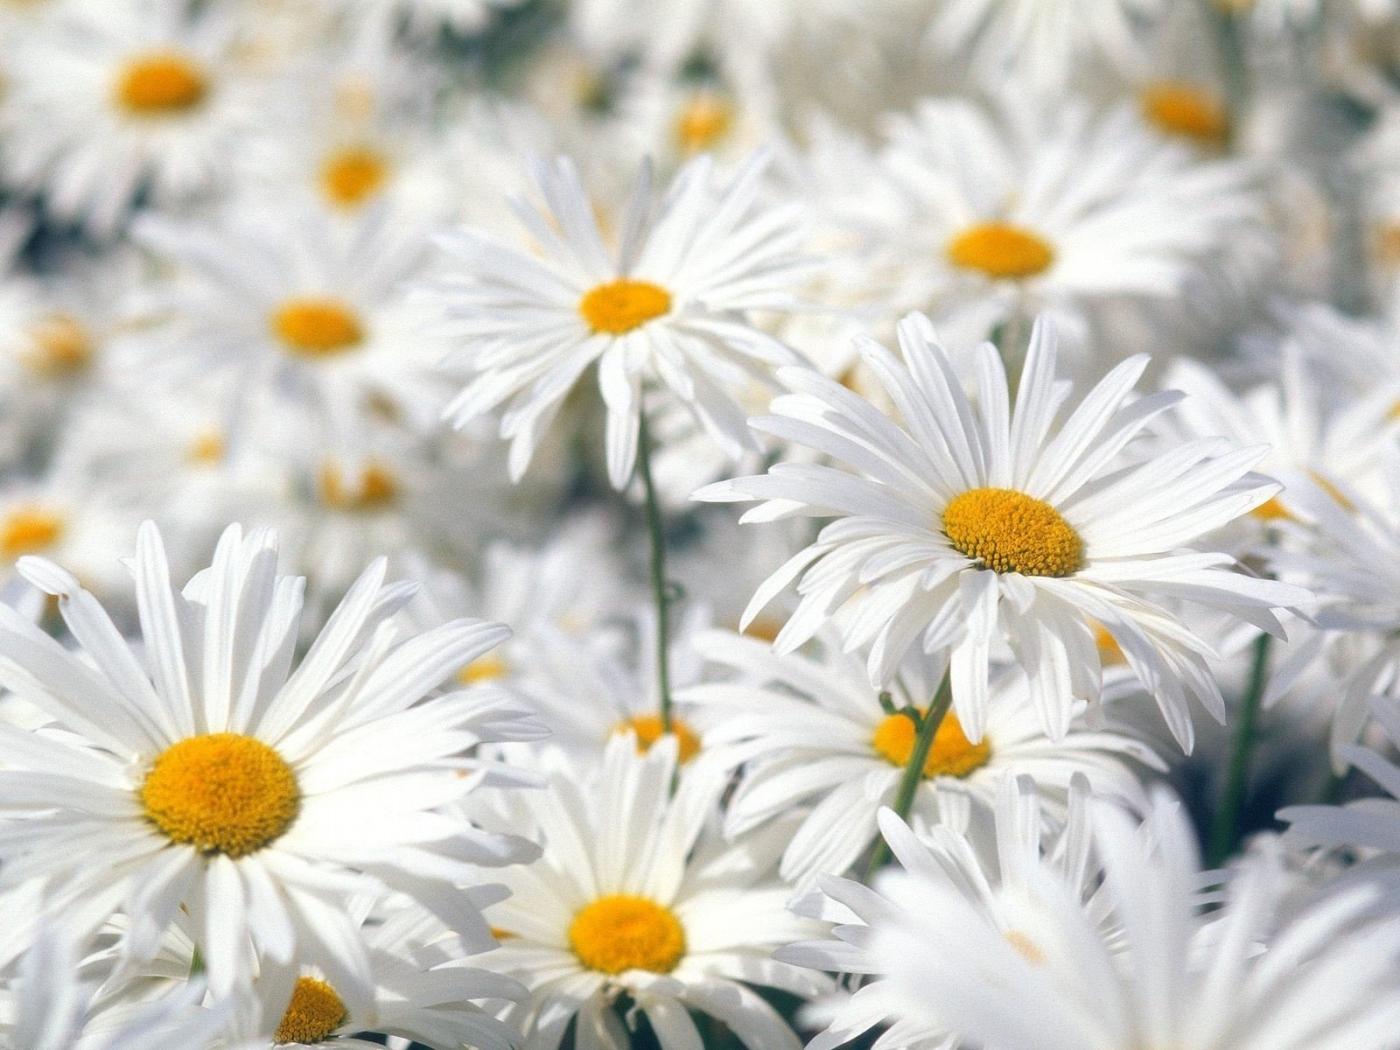 25615 скачать обои Растения, Цветы, Ромашки - заставки и картинки бесплатно